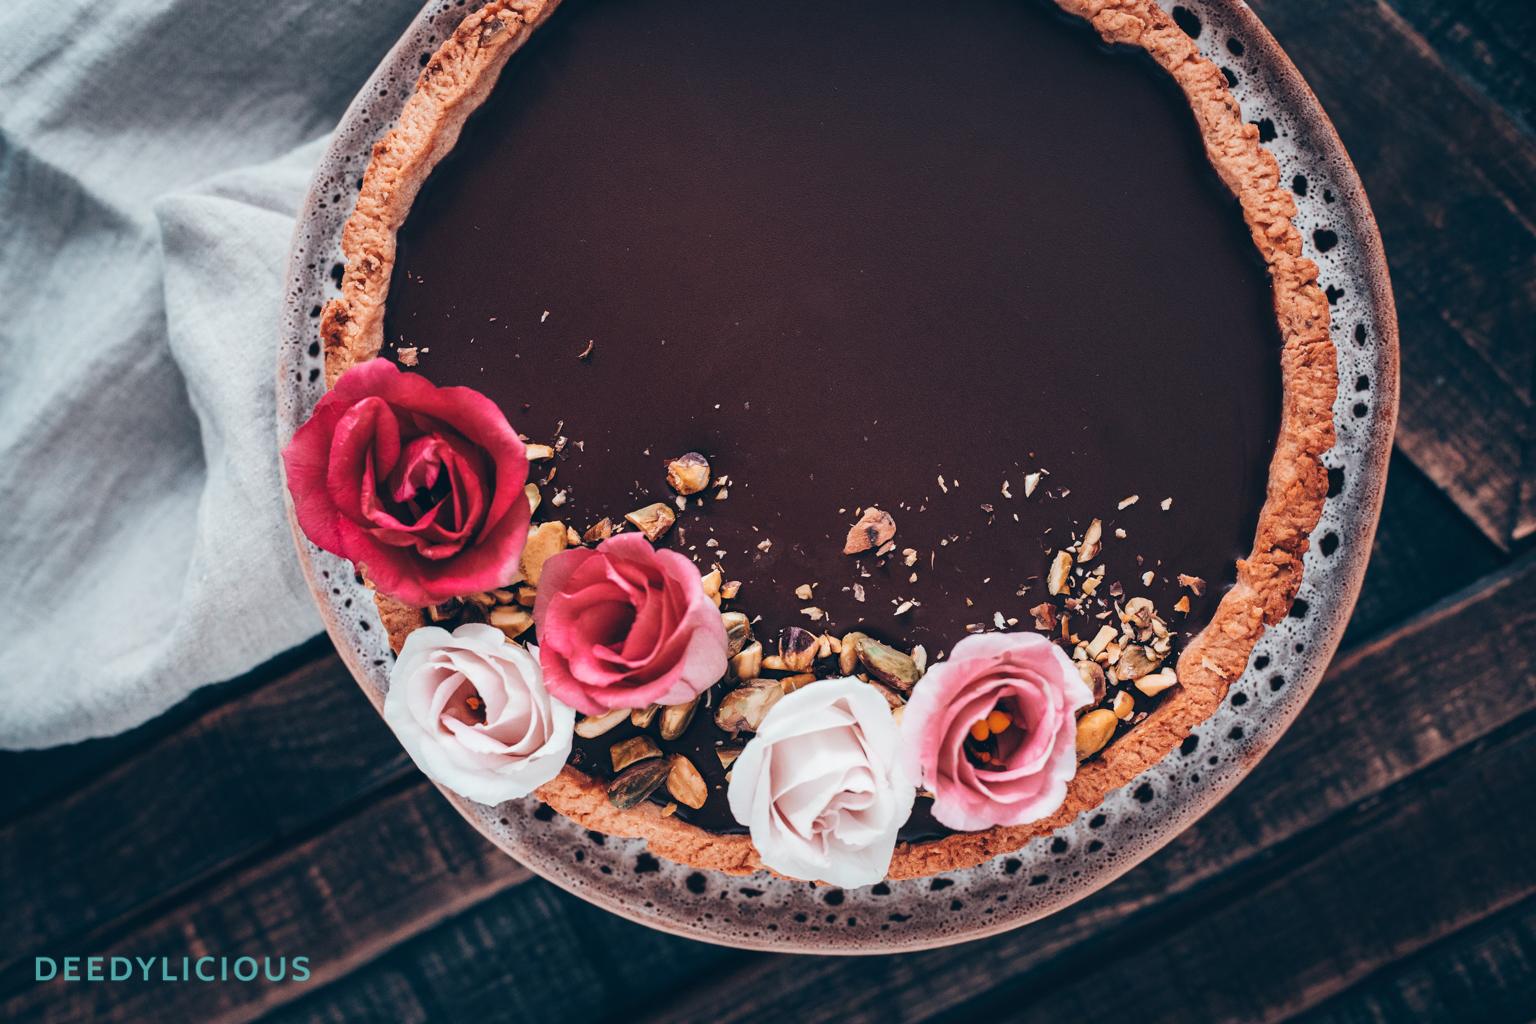 Italiaanse chocoladetaart versierd met bloemen en pistachenoten